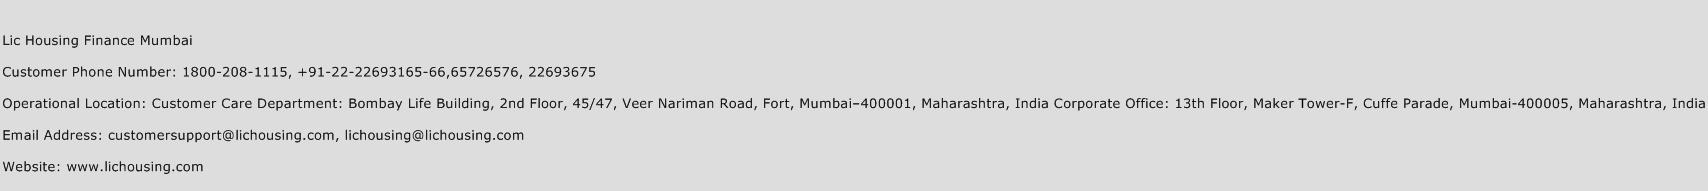 LIC Housing Finance Mumbai Phone Number Customer Service